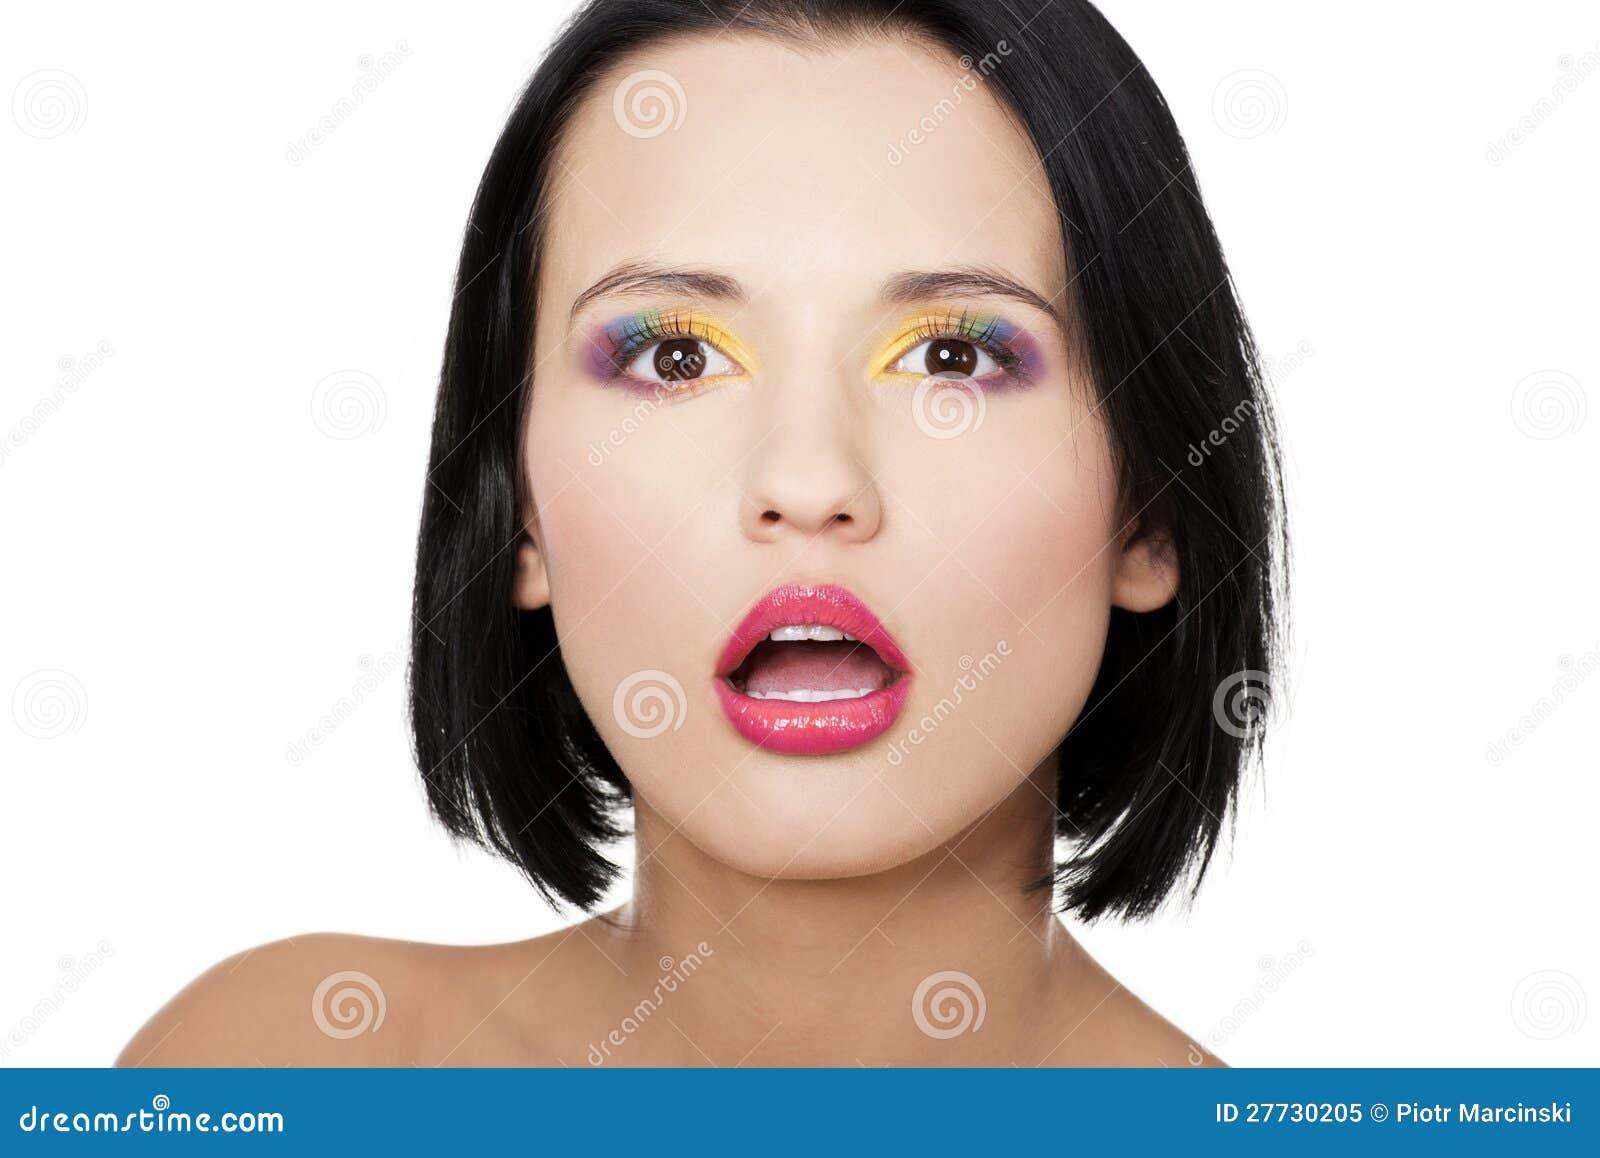 Schöne Frau mit Regenbogenauge bilden